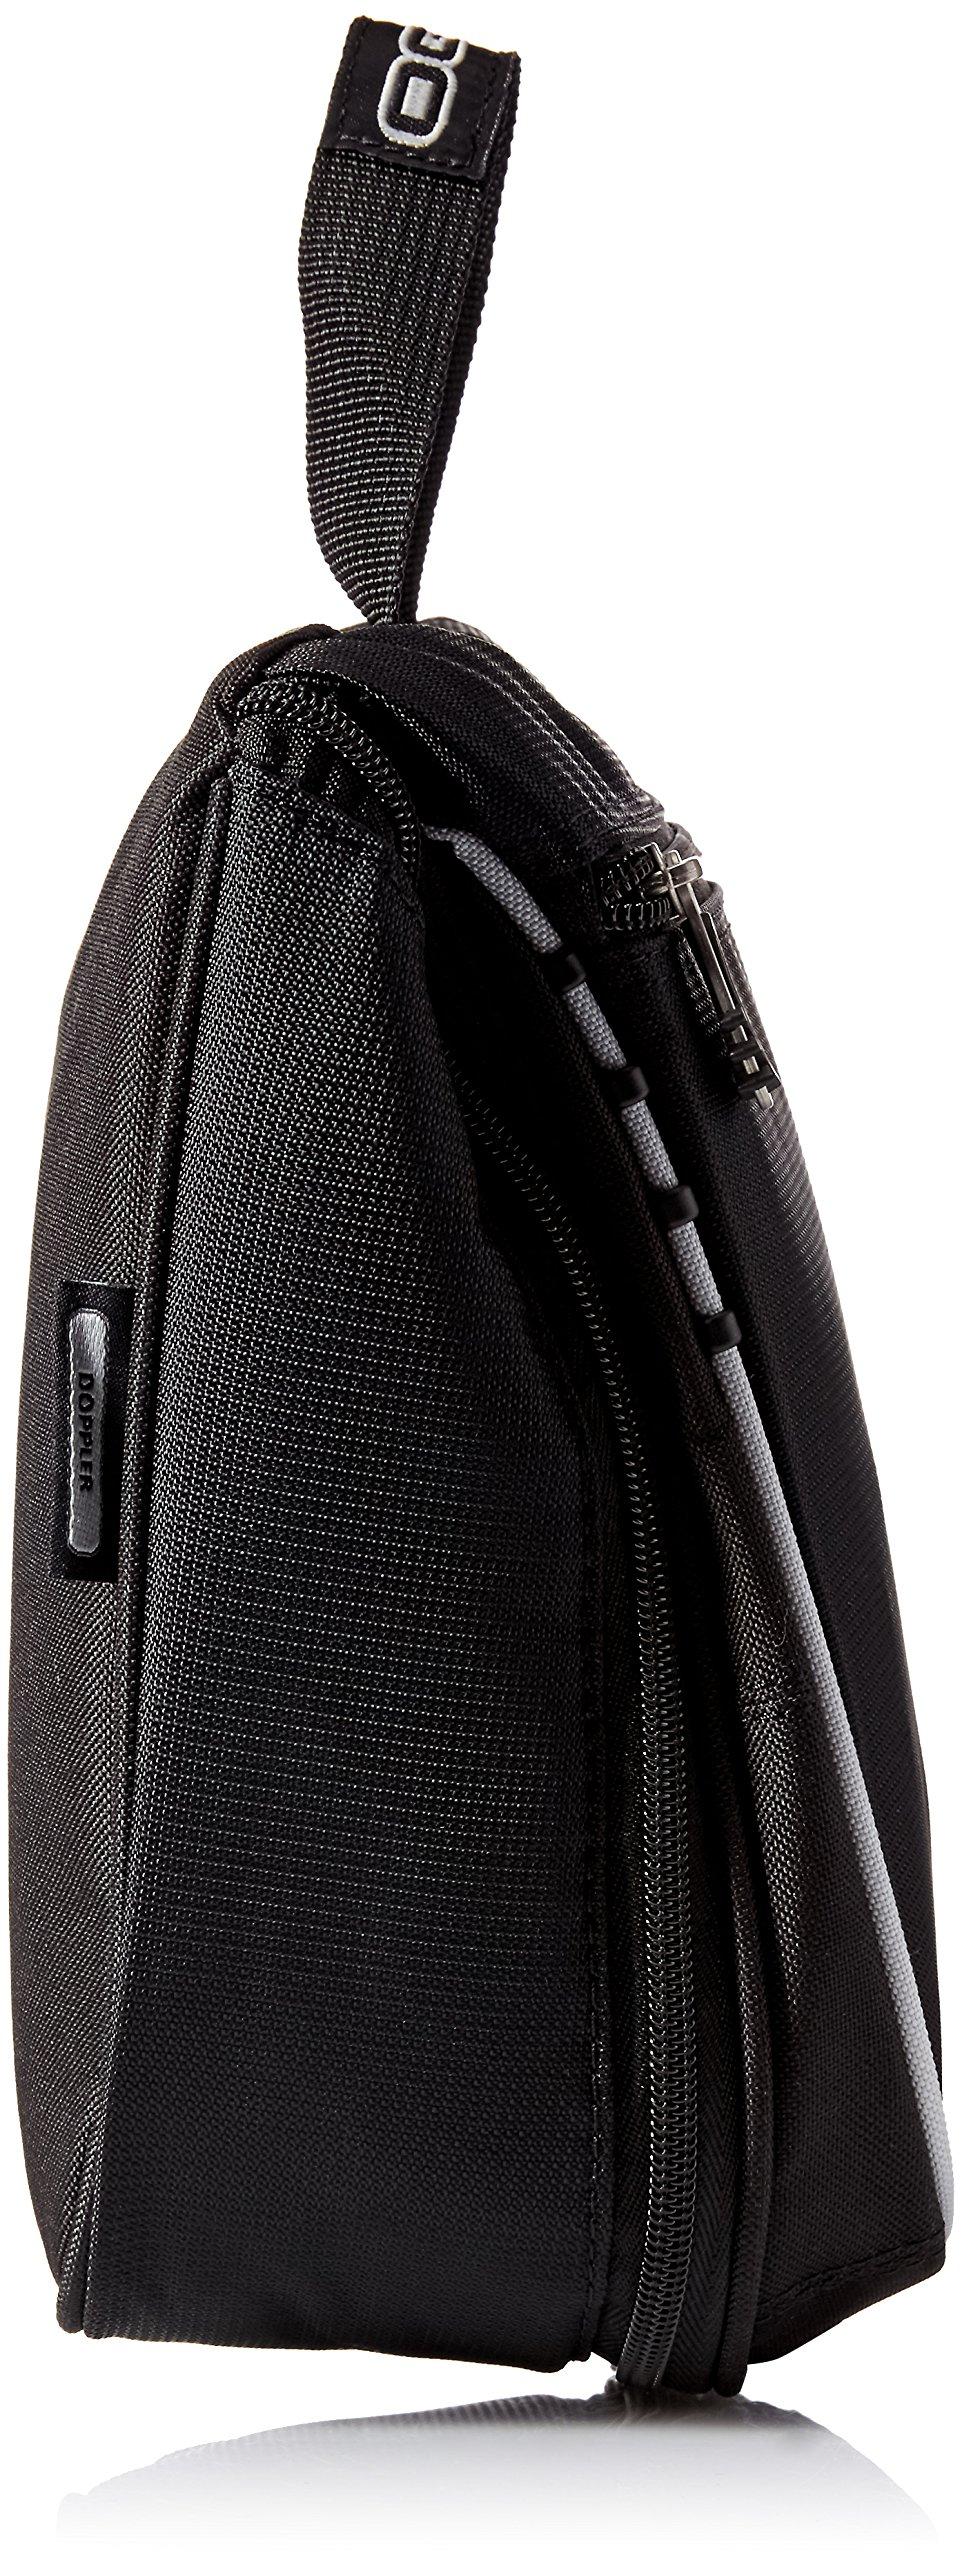 91ywgx97XKL - OGIO Doppler Travel Kit, Black, 24 cm-4 Litre